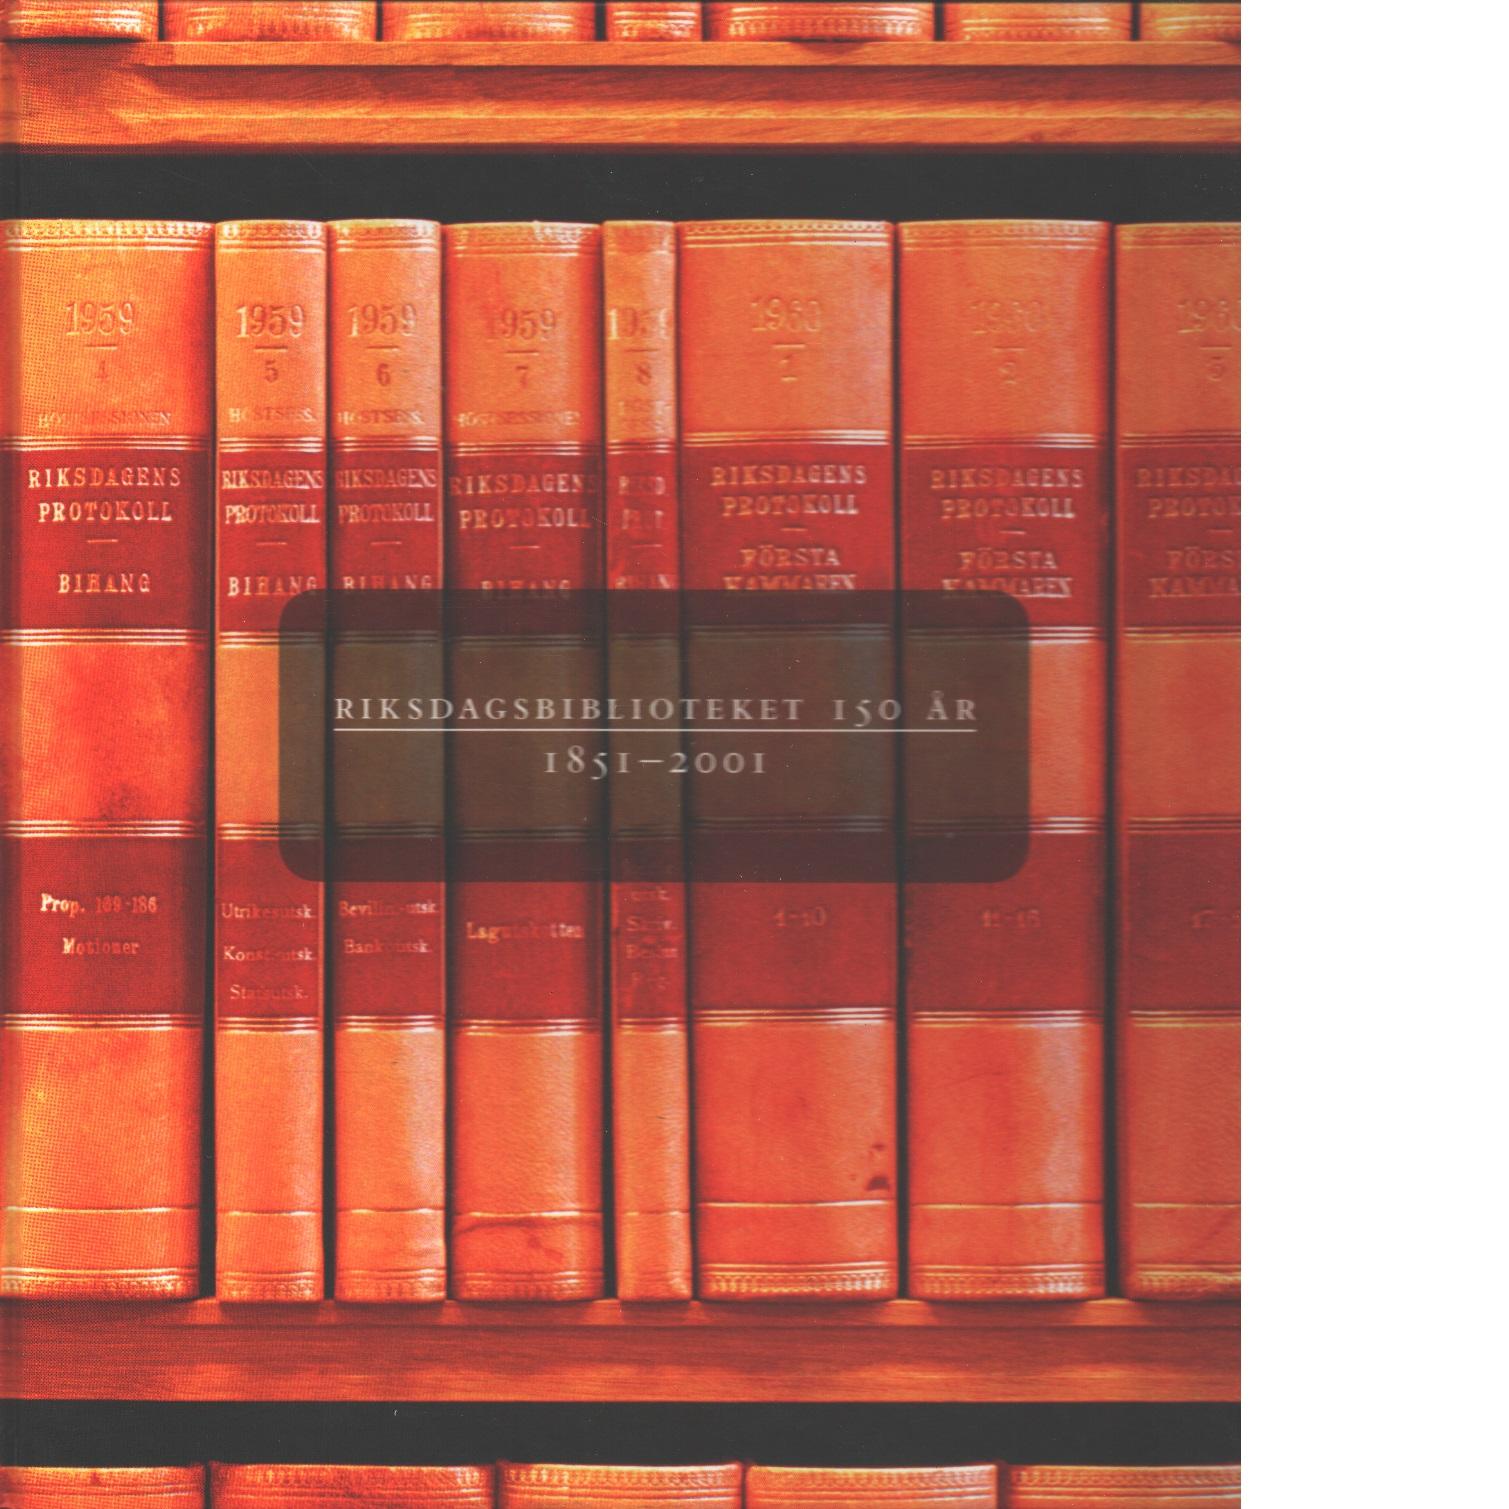 Riksdagsbiblioteket 150 år : 1851-2001 - Red.